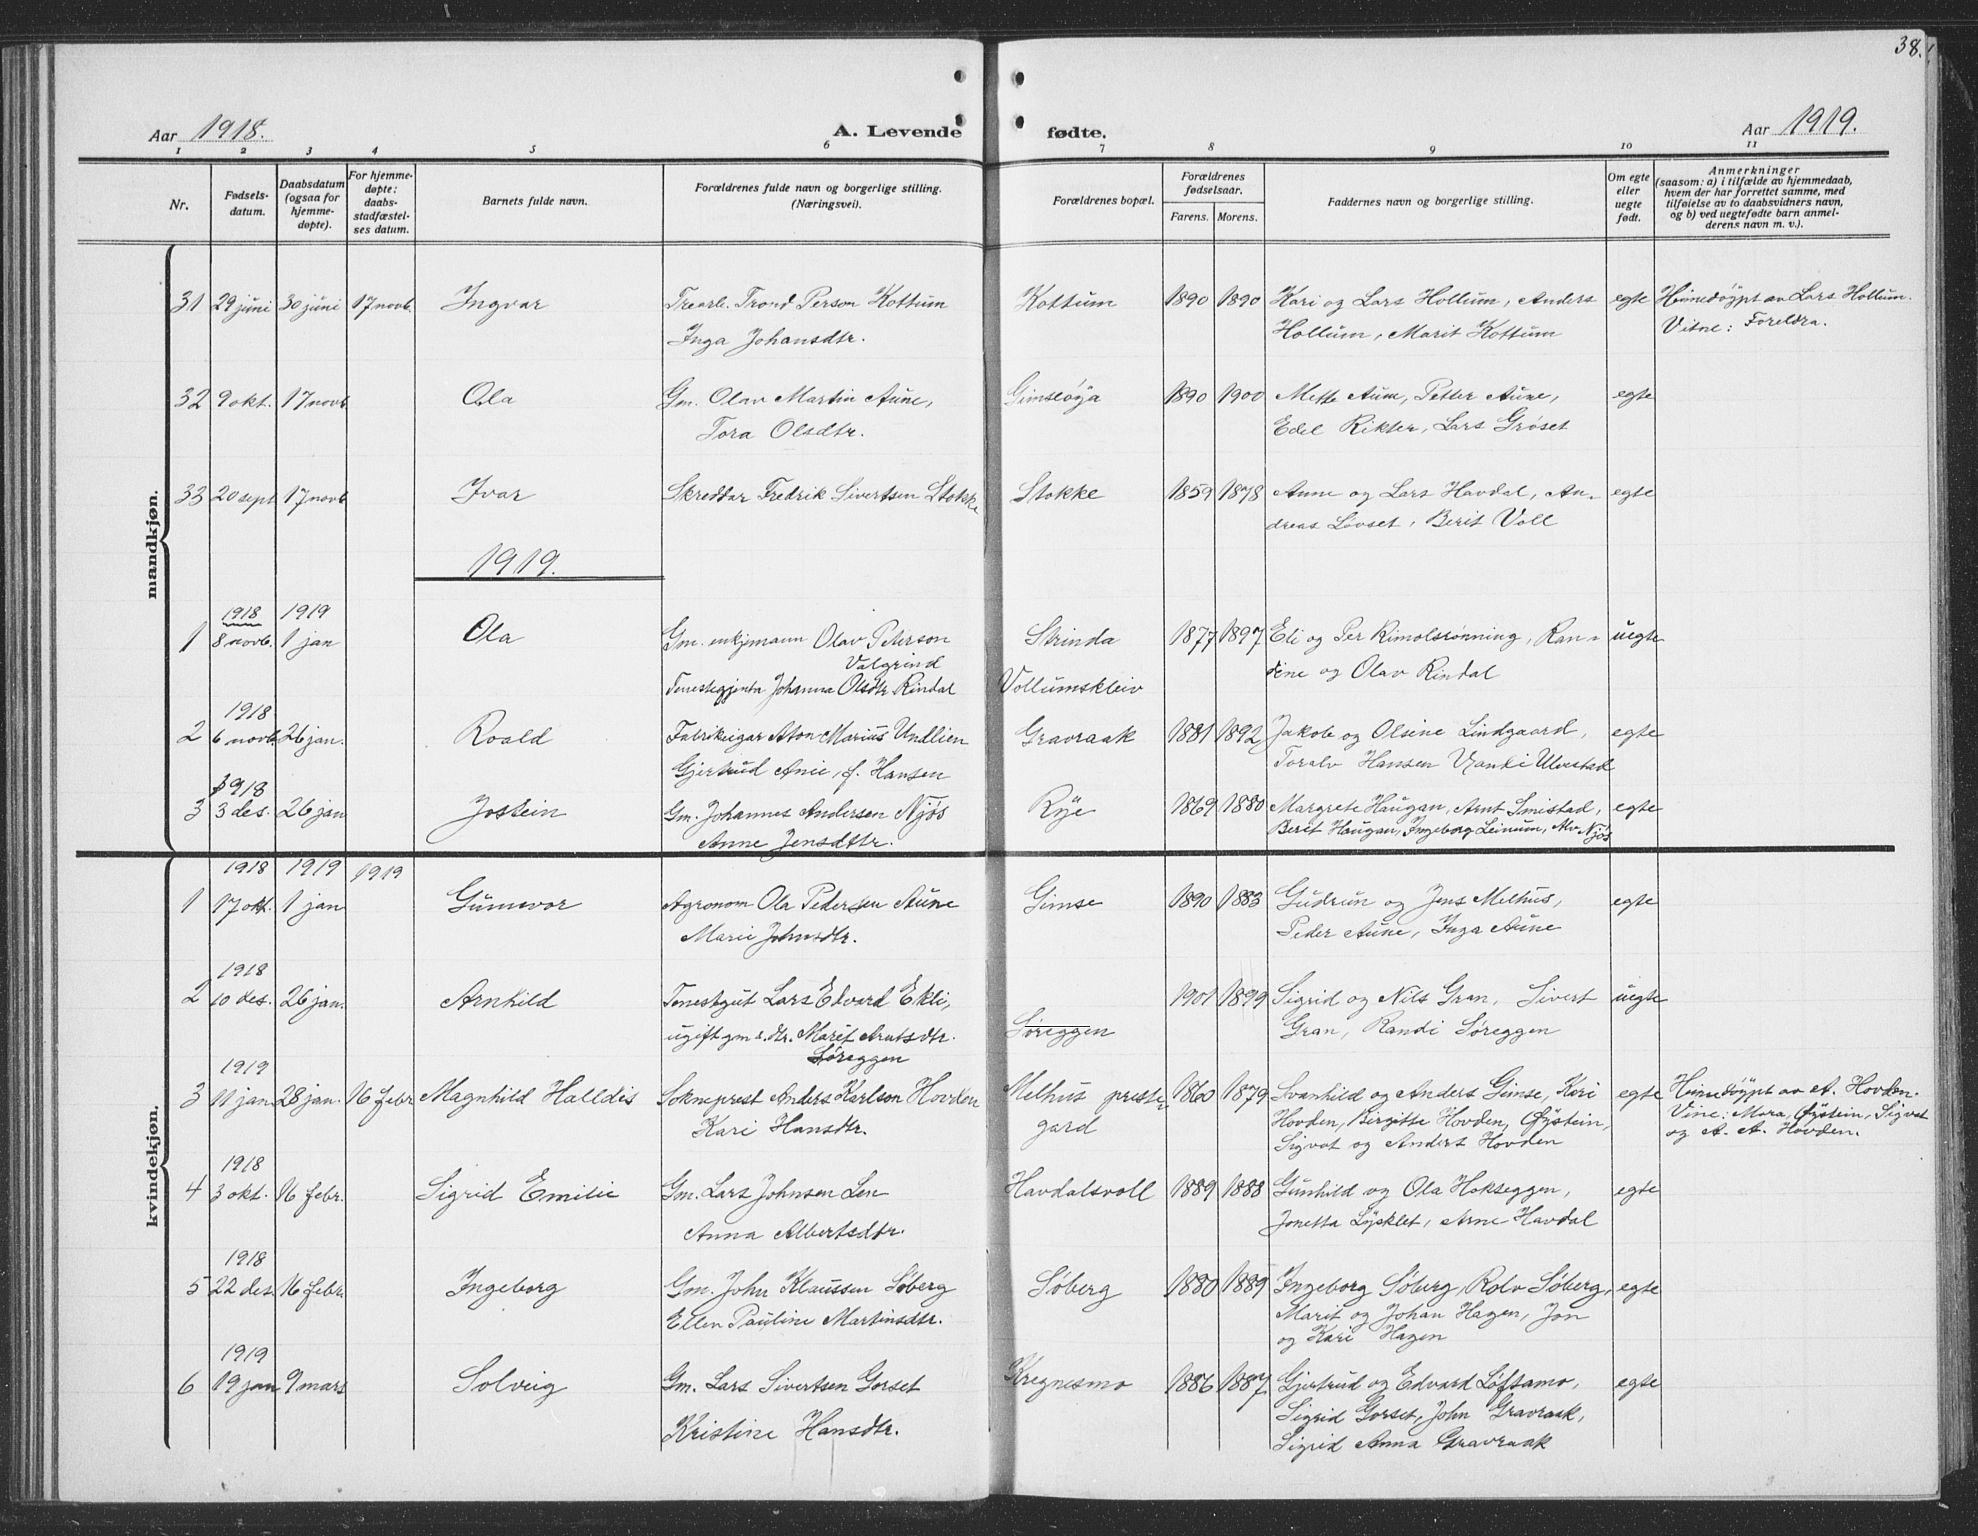 SAT, Ministerialprotokoller, klokkerbøker og fødselsregistre - Sør-Trøndelag, 691/L1095: Klokkerbok nr. 691C06, 1912-1933, s. 38